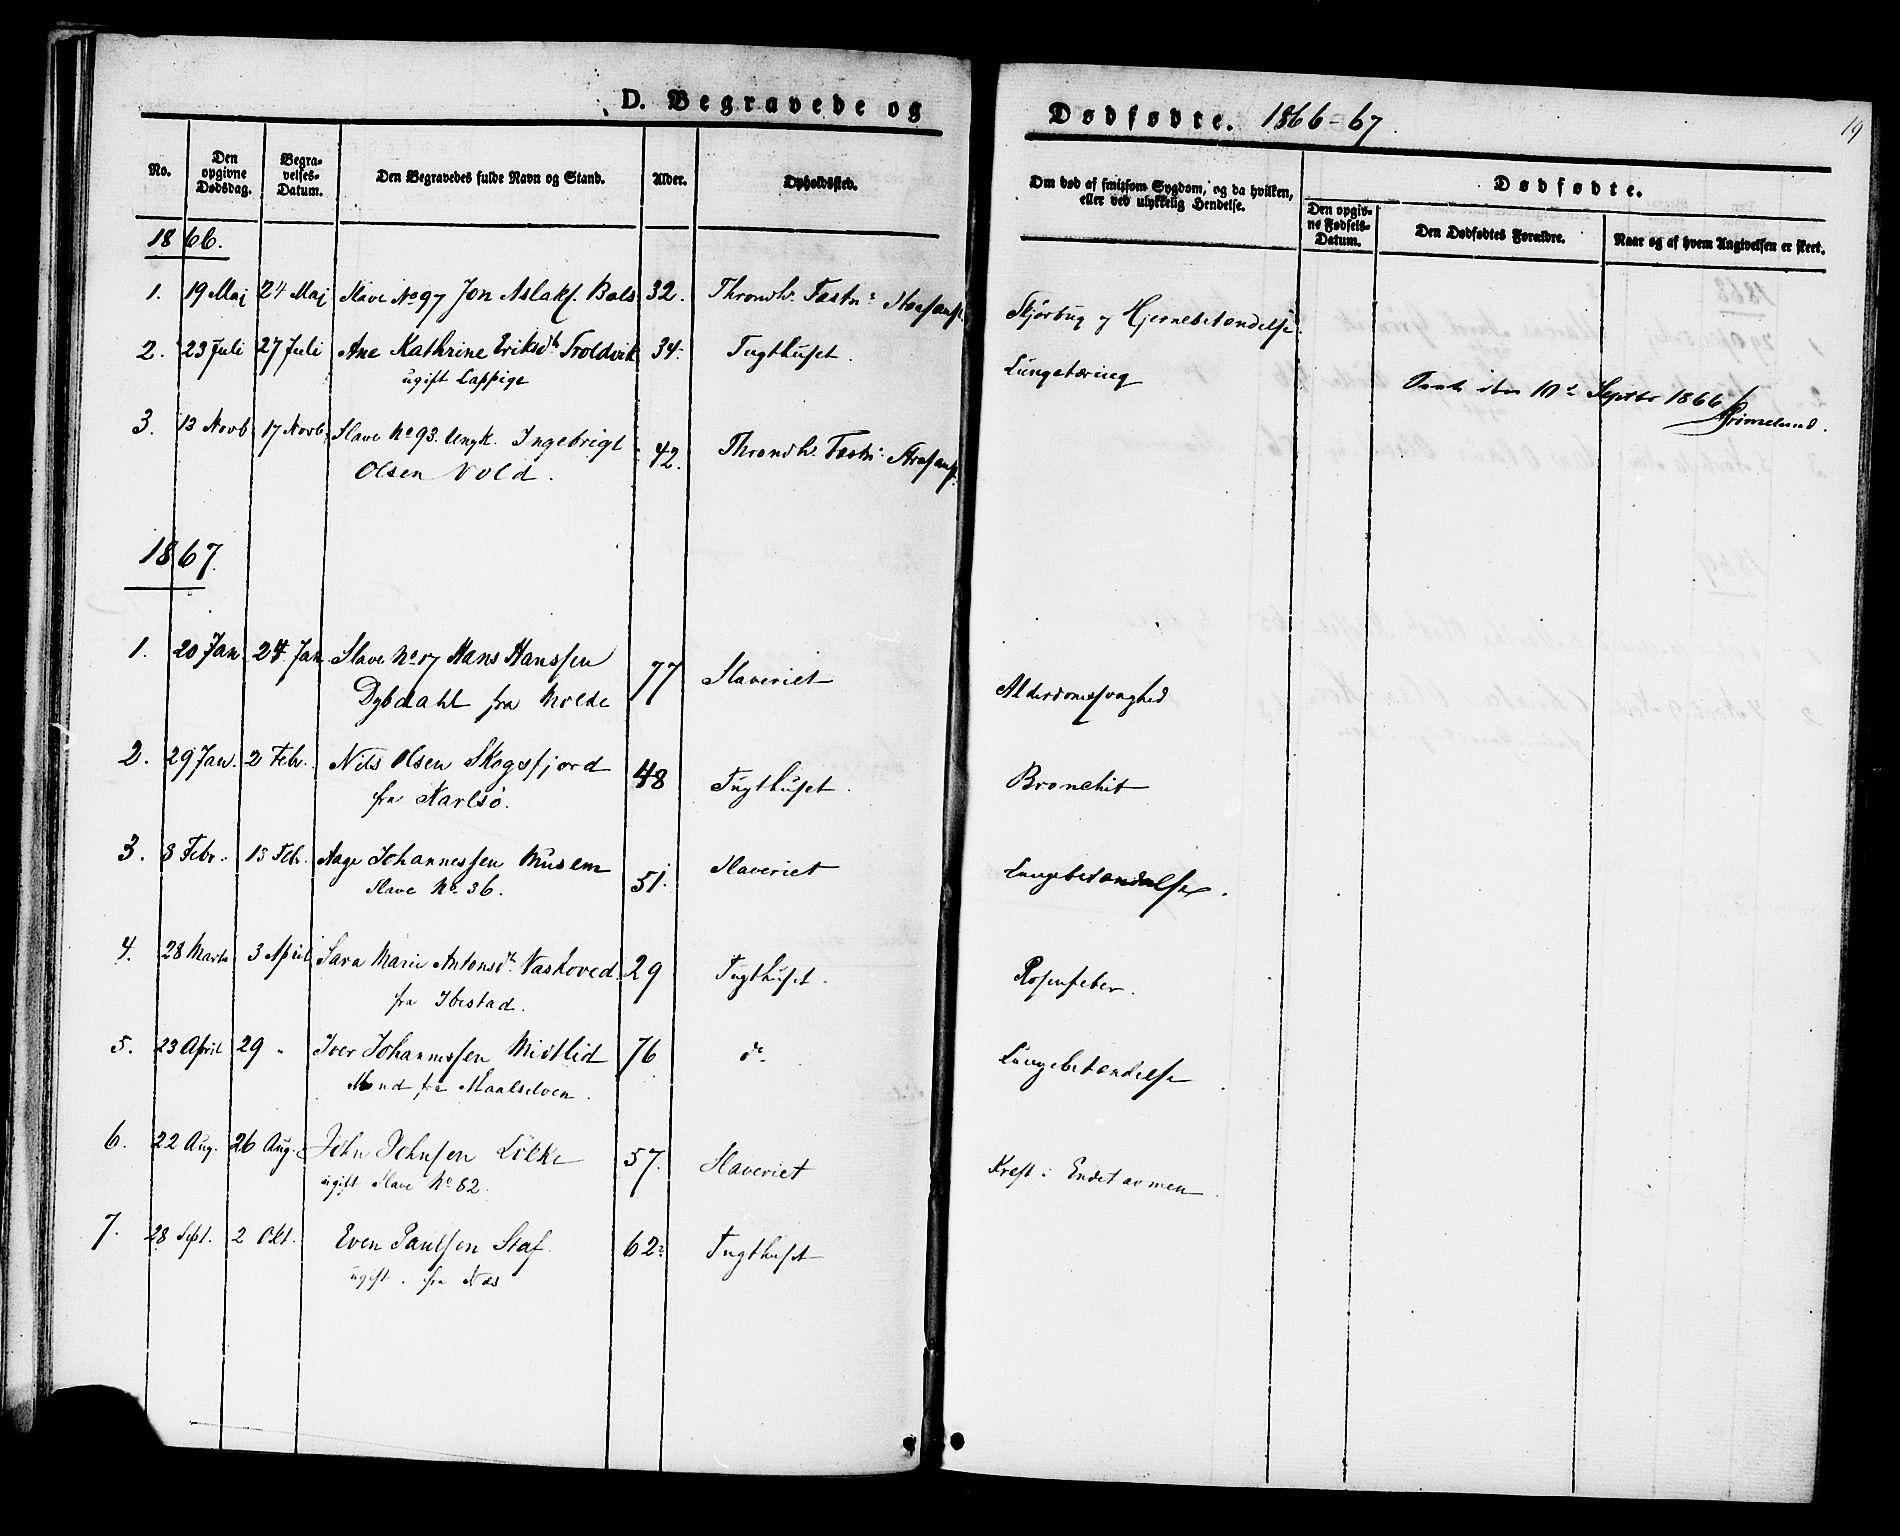 SAT, Ministerialprotokoller, klokkerbøker og fødselsregistre - Sør-Trøndelag, 624/L0481: Ministerialbok nr. 624A02, 1841-1869, s. 19